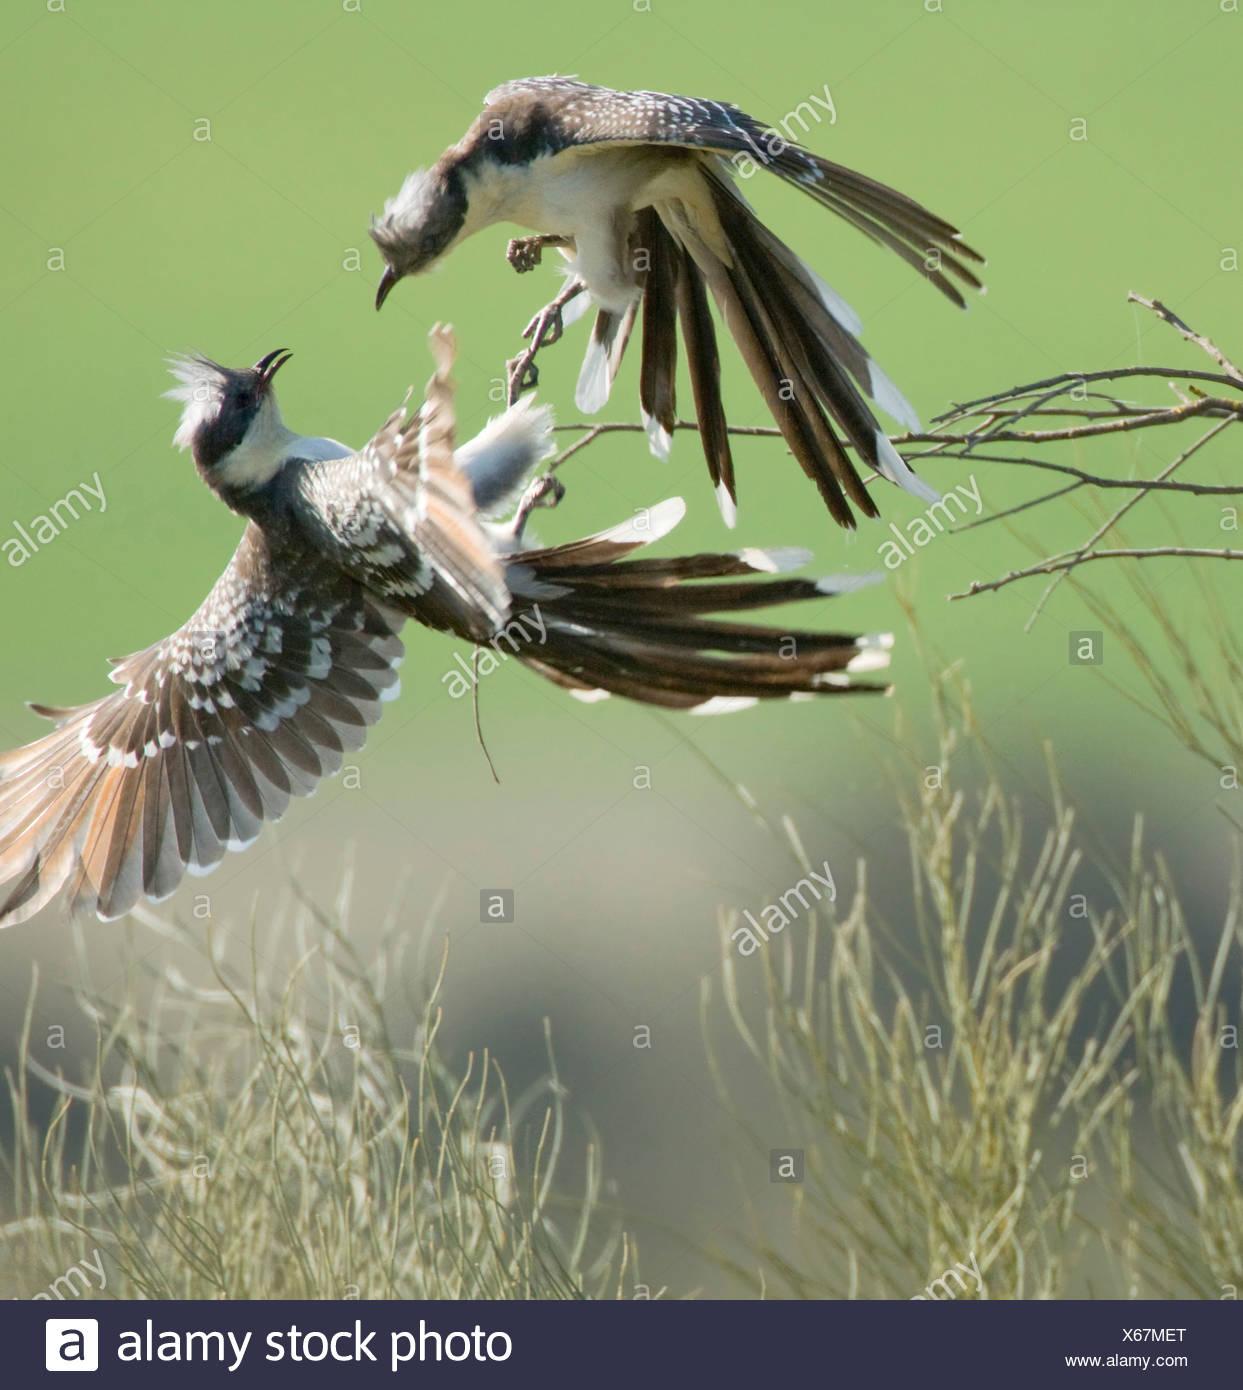 Kuifkoekoeken vechtend voor het terrritorium; Great spotted cuckoo's fighting for the territory - Stock Image